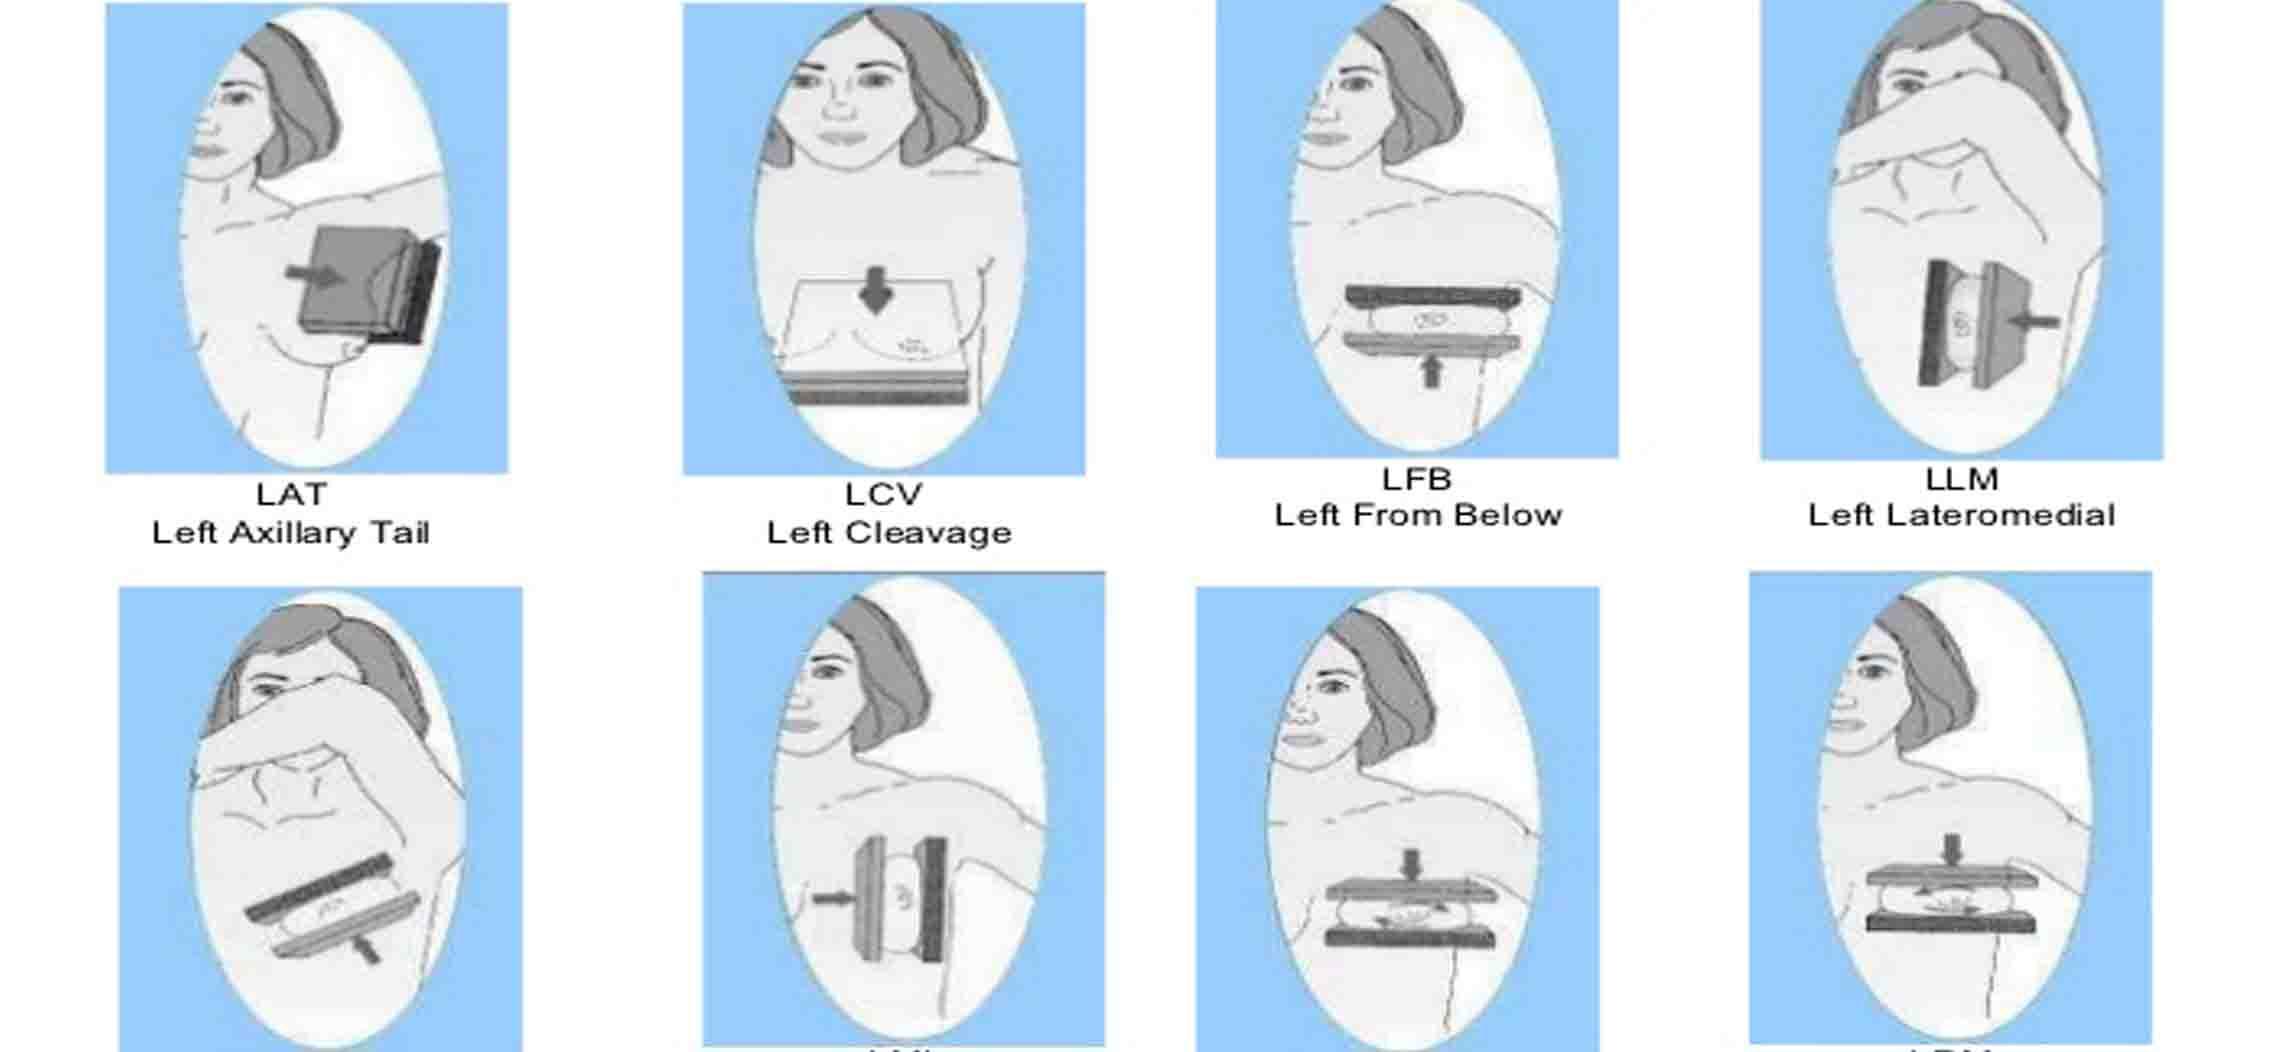 Liệt kê các tư thế và phương pháp chụp x quang vú